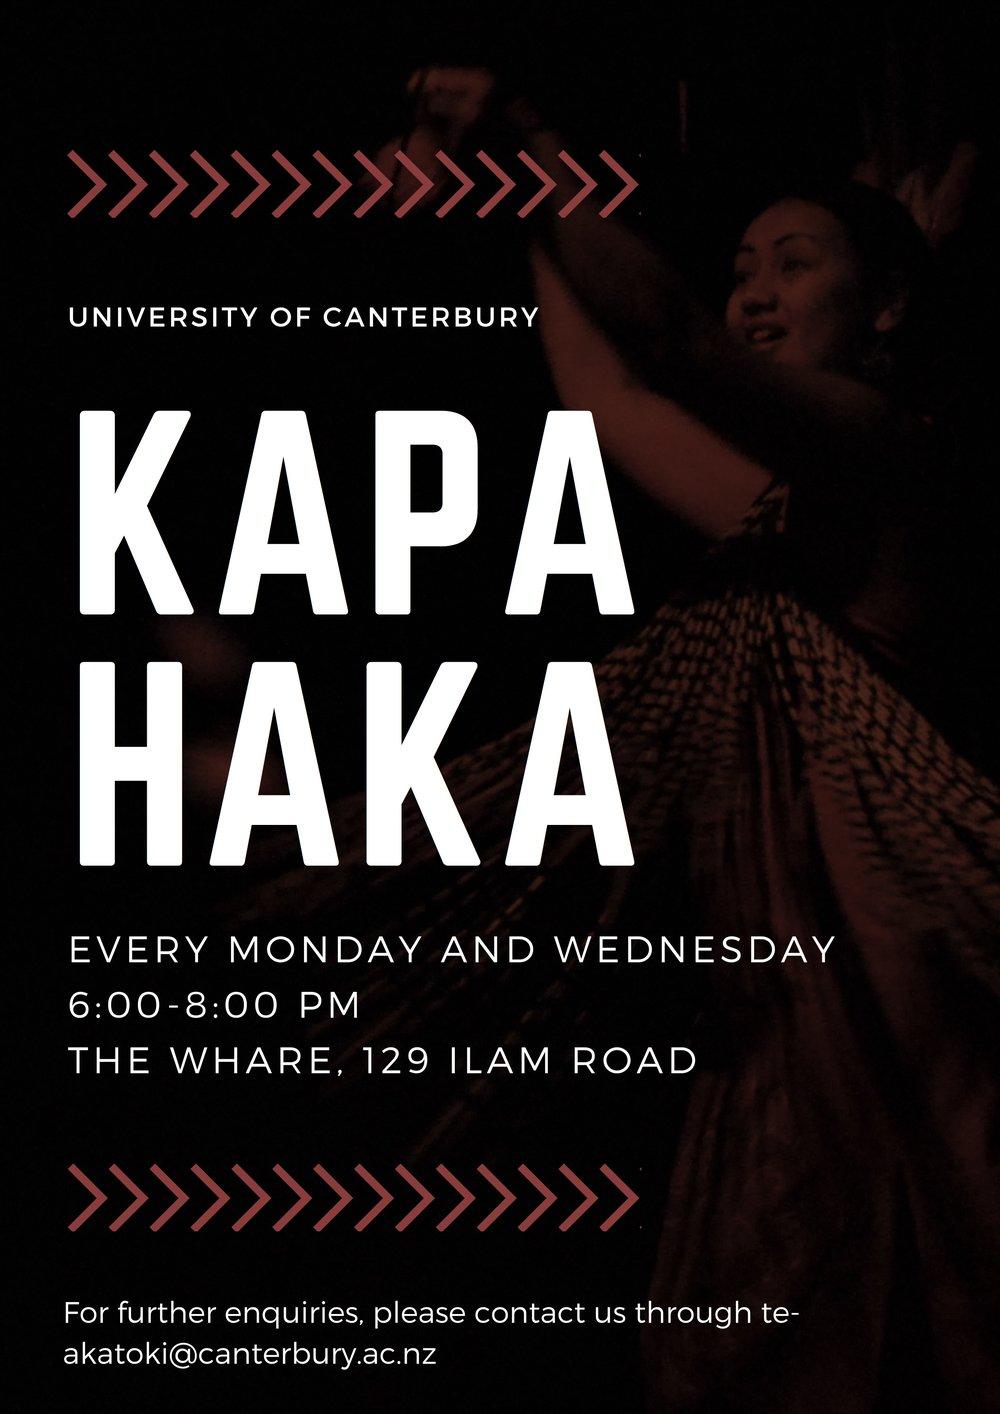 kapa-haka-revised copy.jpg